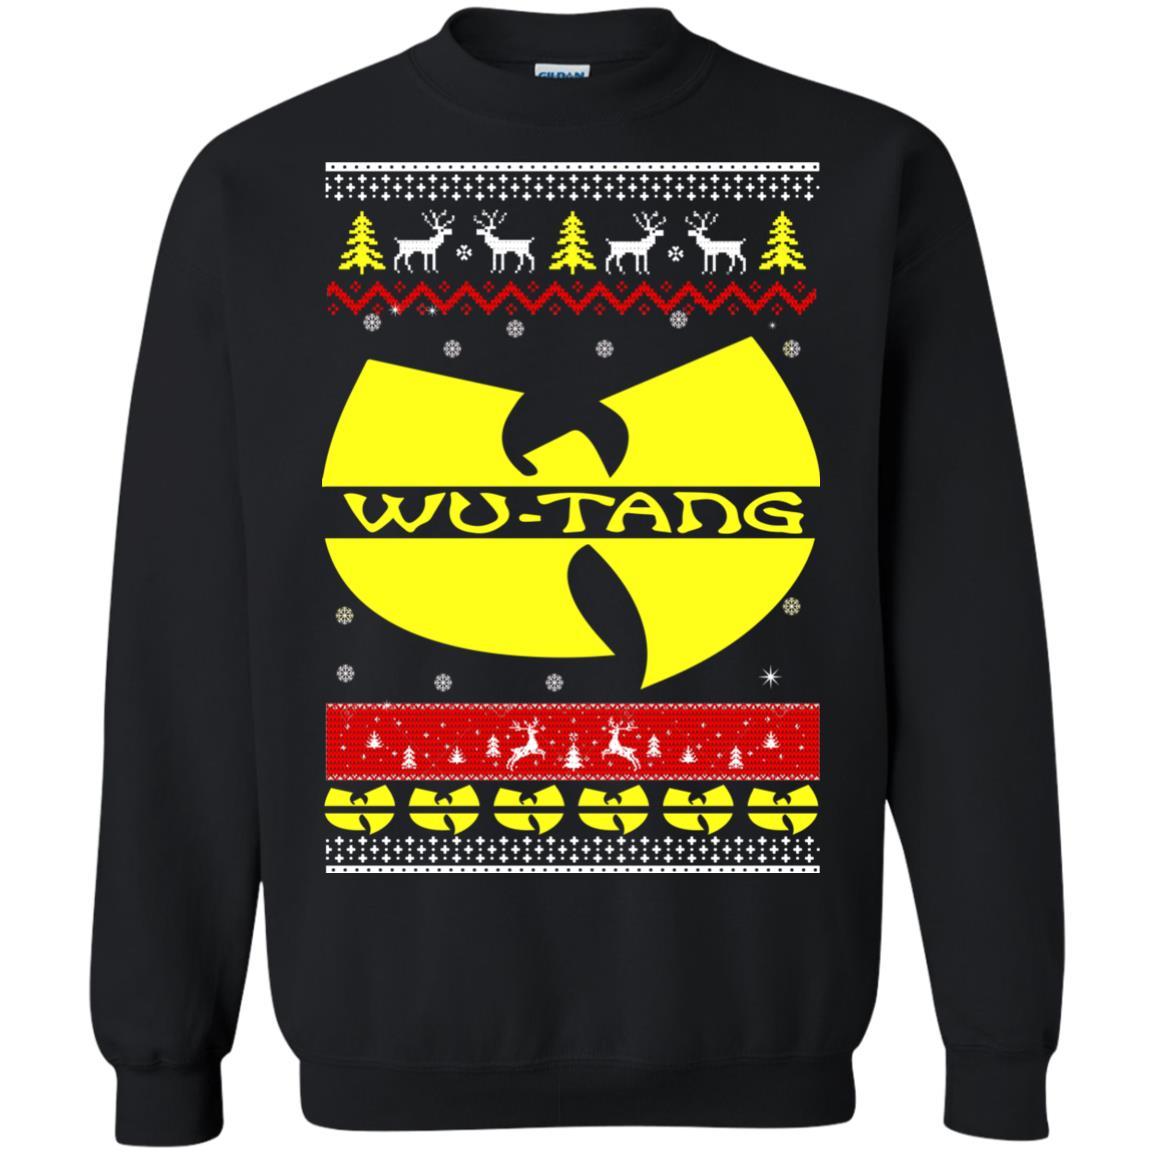 image 1176 - Wu Tang Christmas Sweater, Ugly Sweatshirt